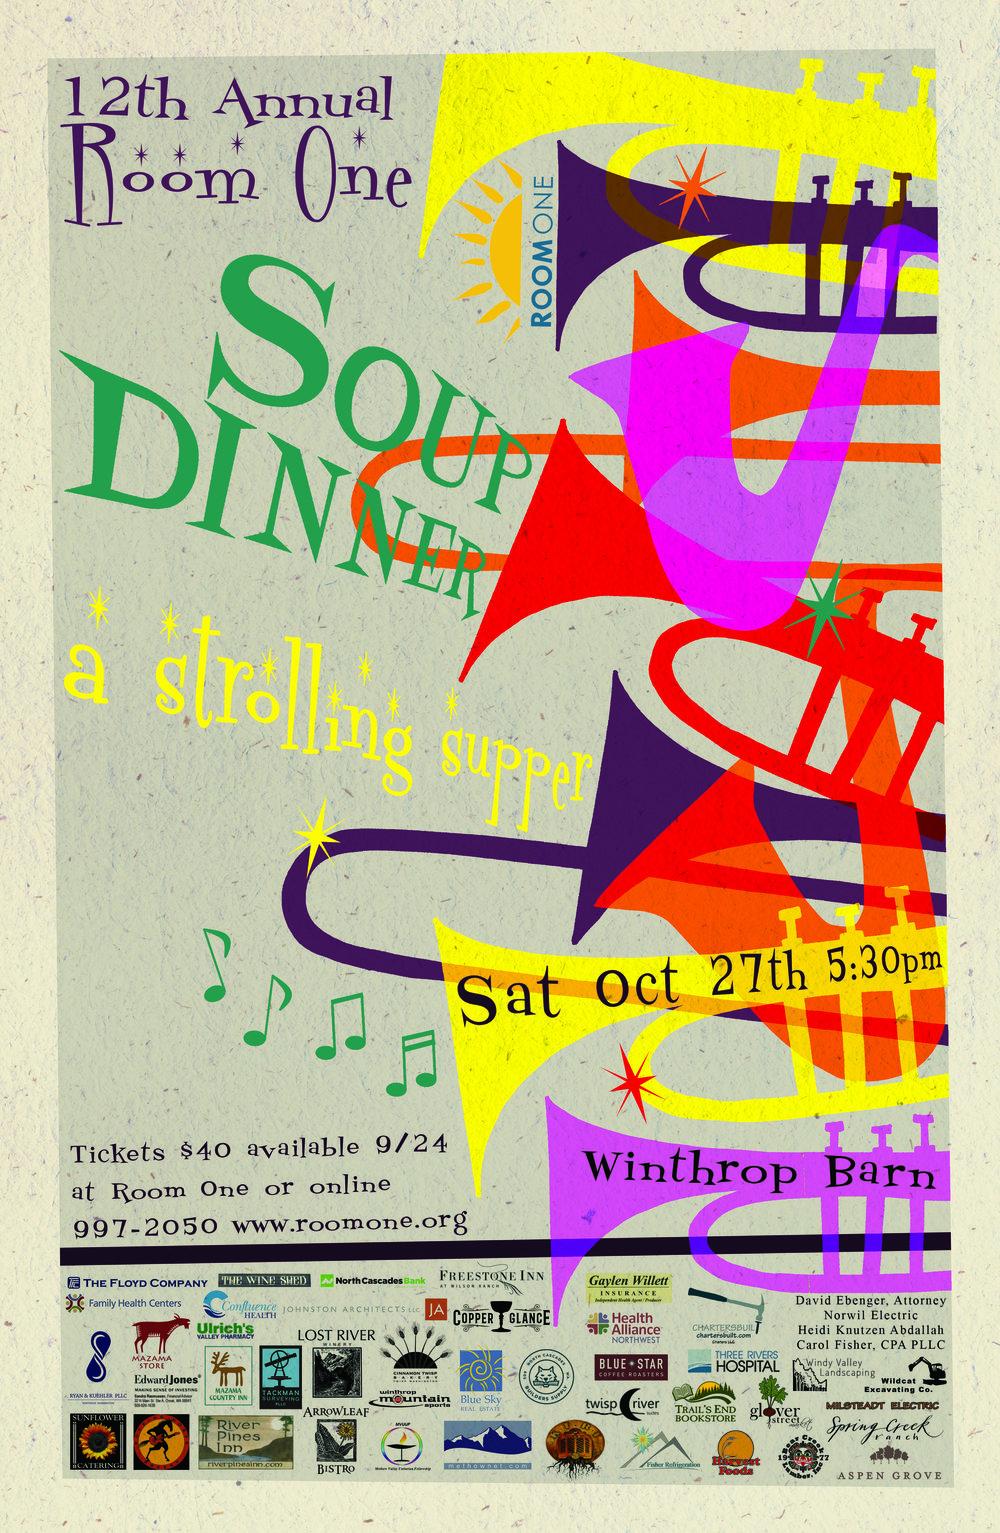 soup dinner poster.jpg